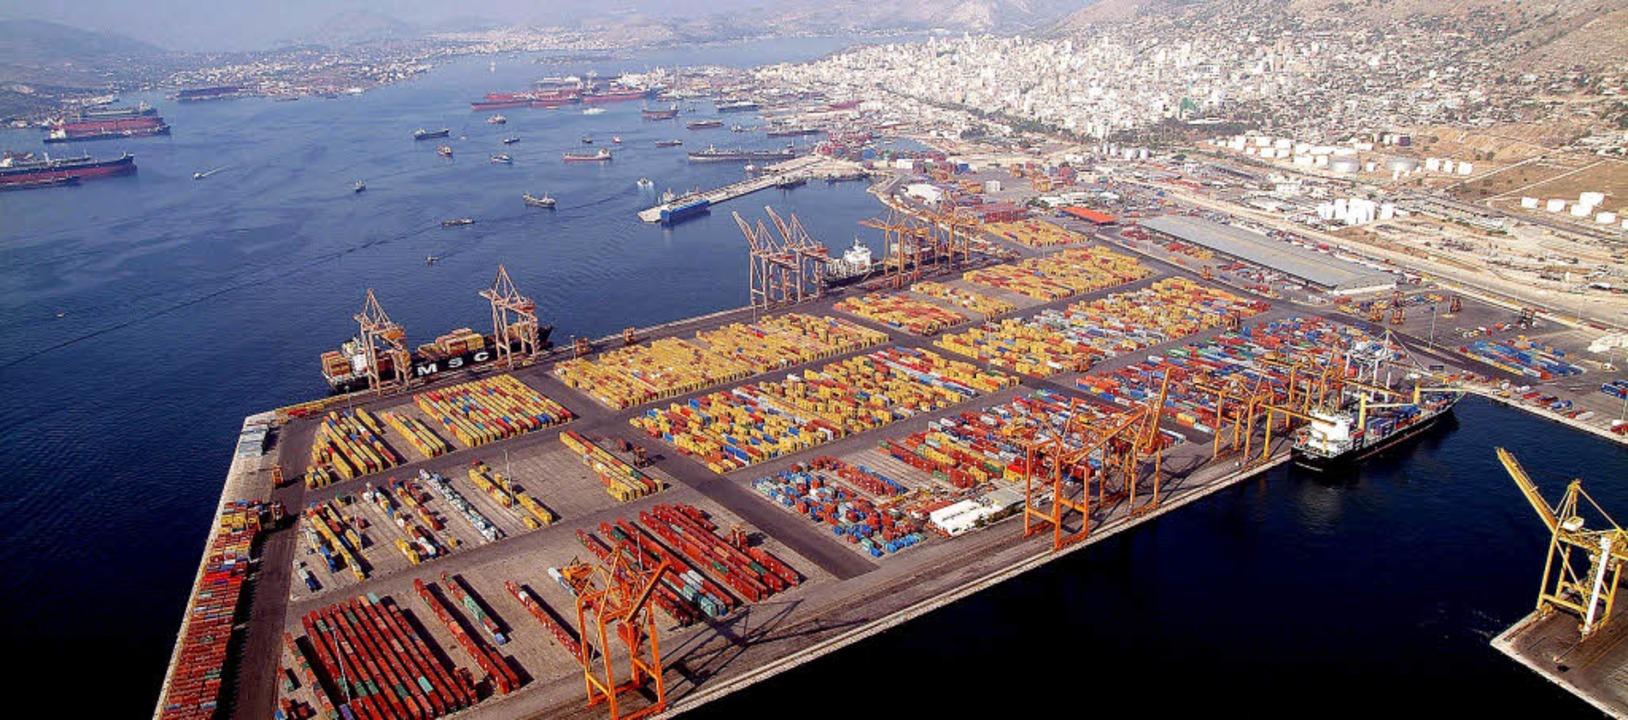 Der Hafen von Piräus bei Athen  | Foto: dpa